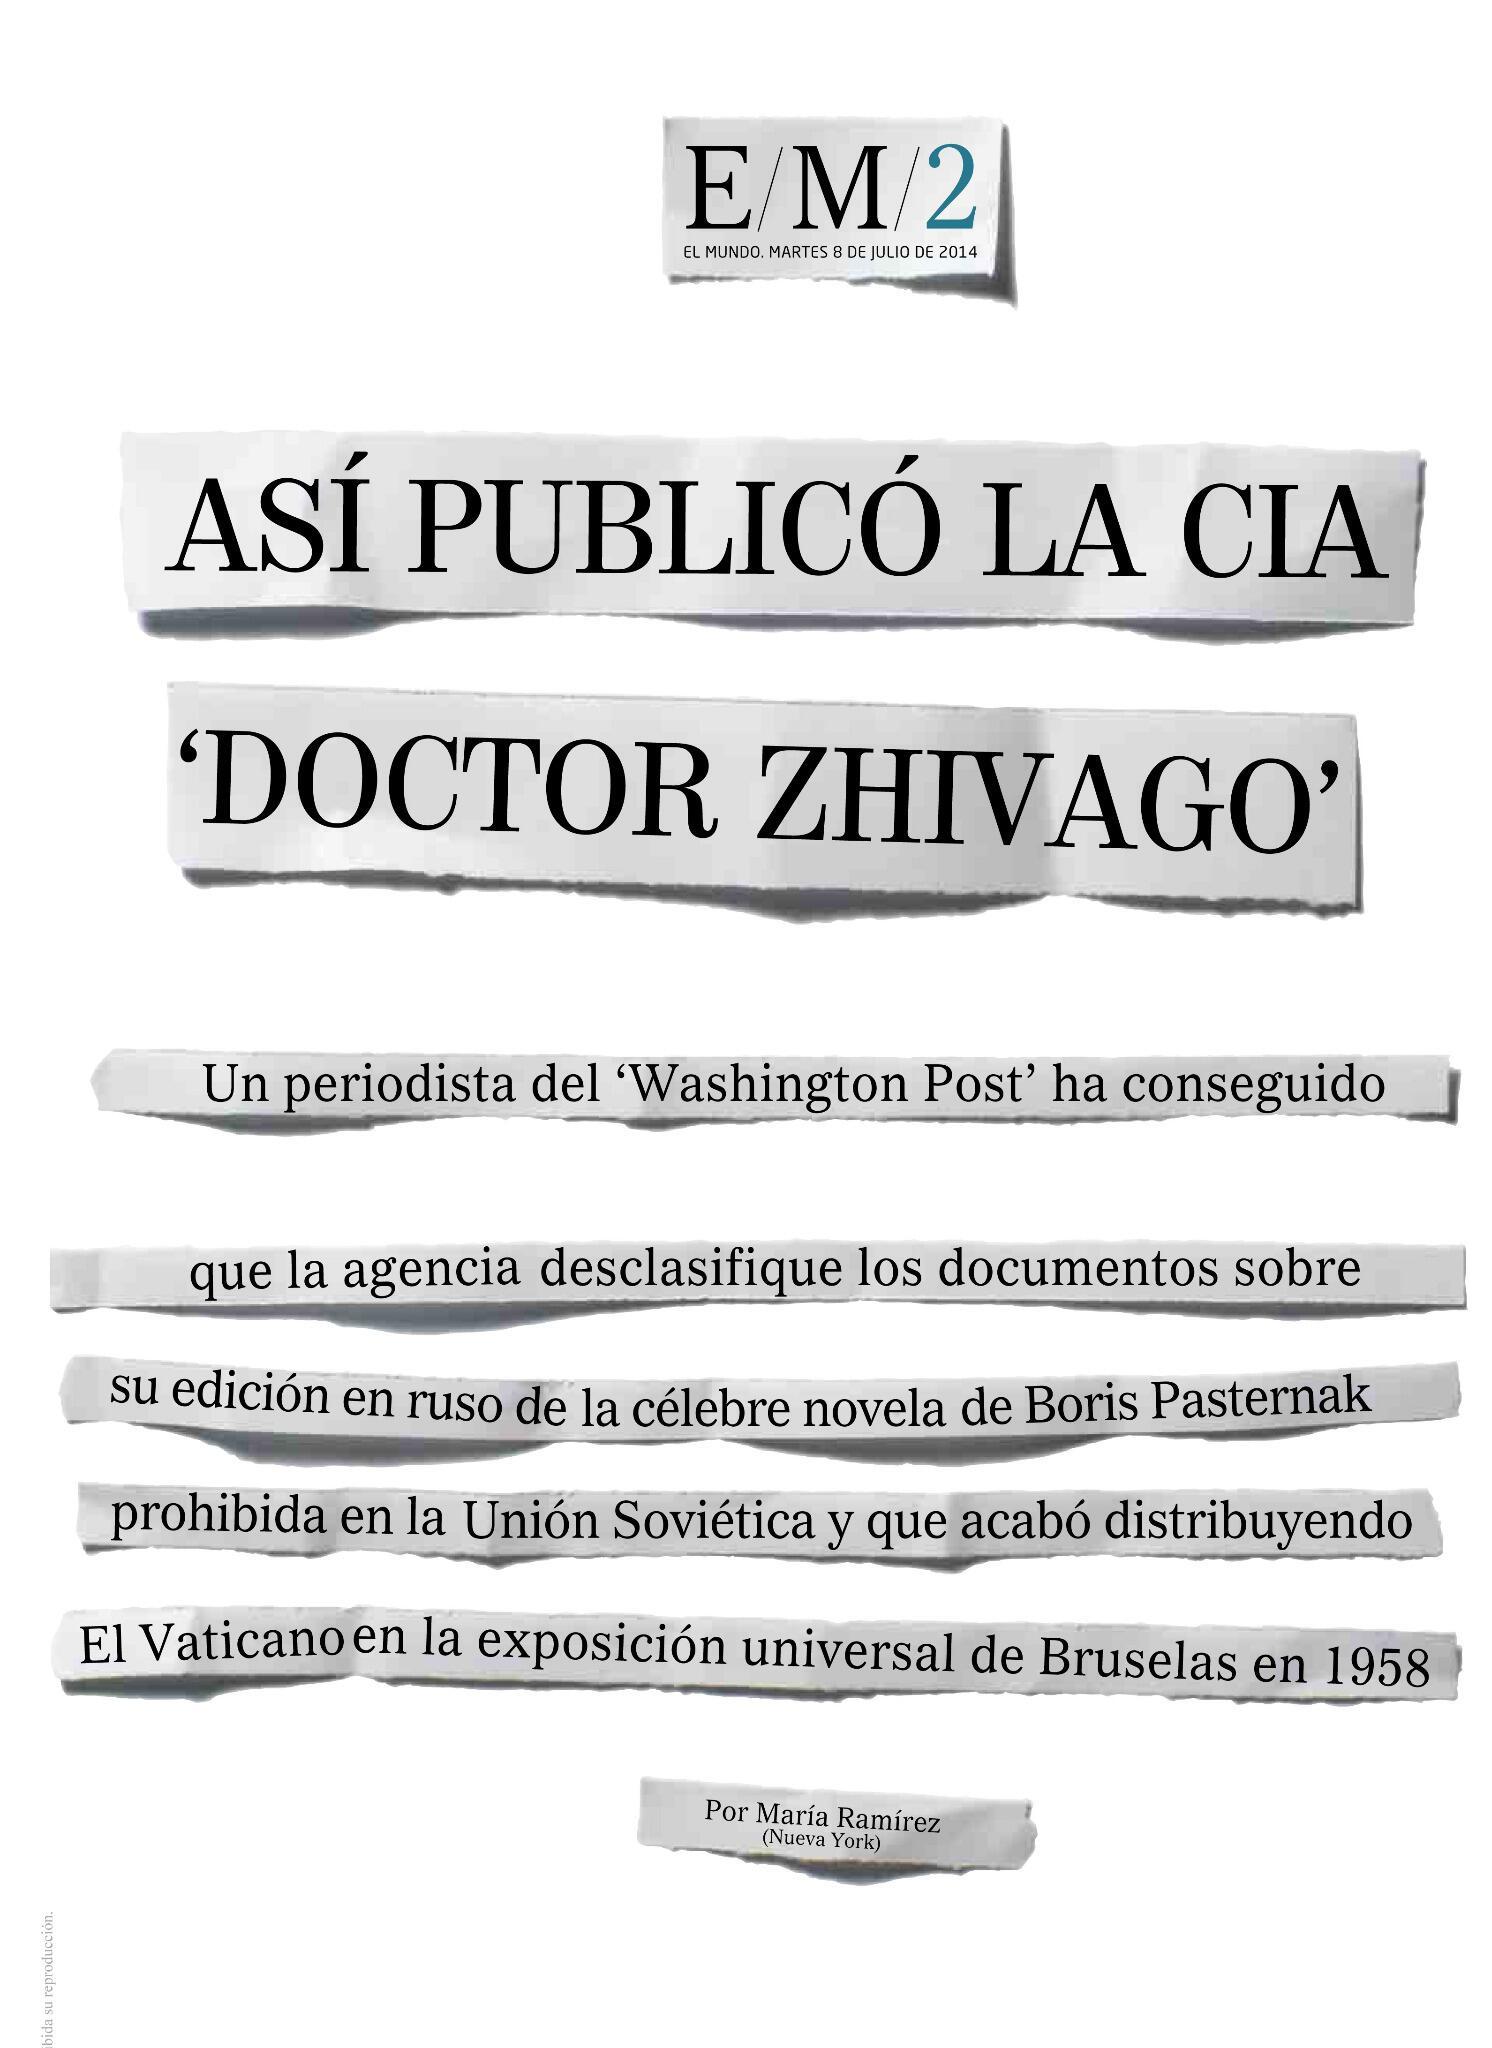 Así ha puesto en página el tema de la CIA y 'Doctor Zhivago' el equipo de Diseño en el papel y @elmundo_orbyt http://t.co/ENQFCyj1ra